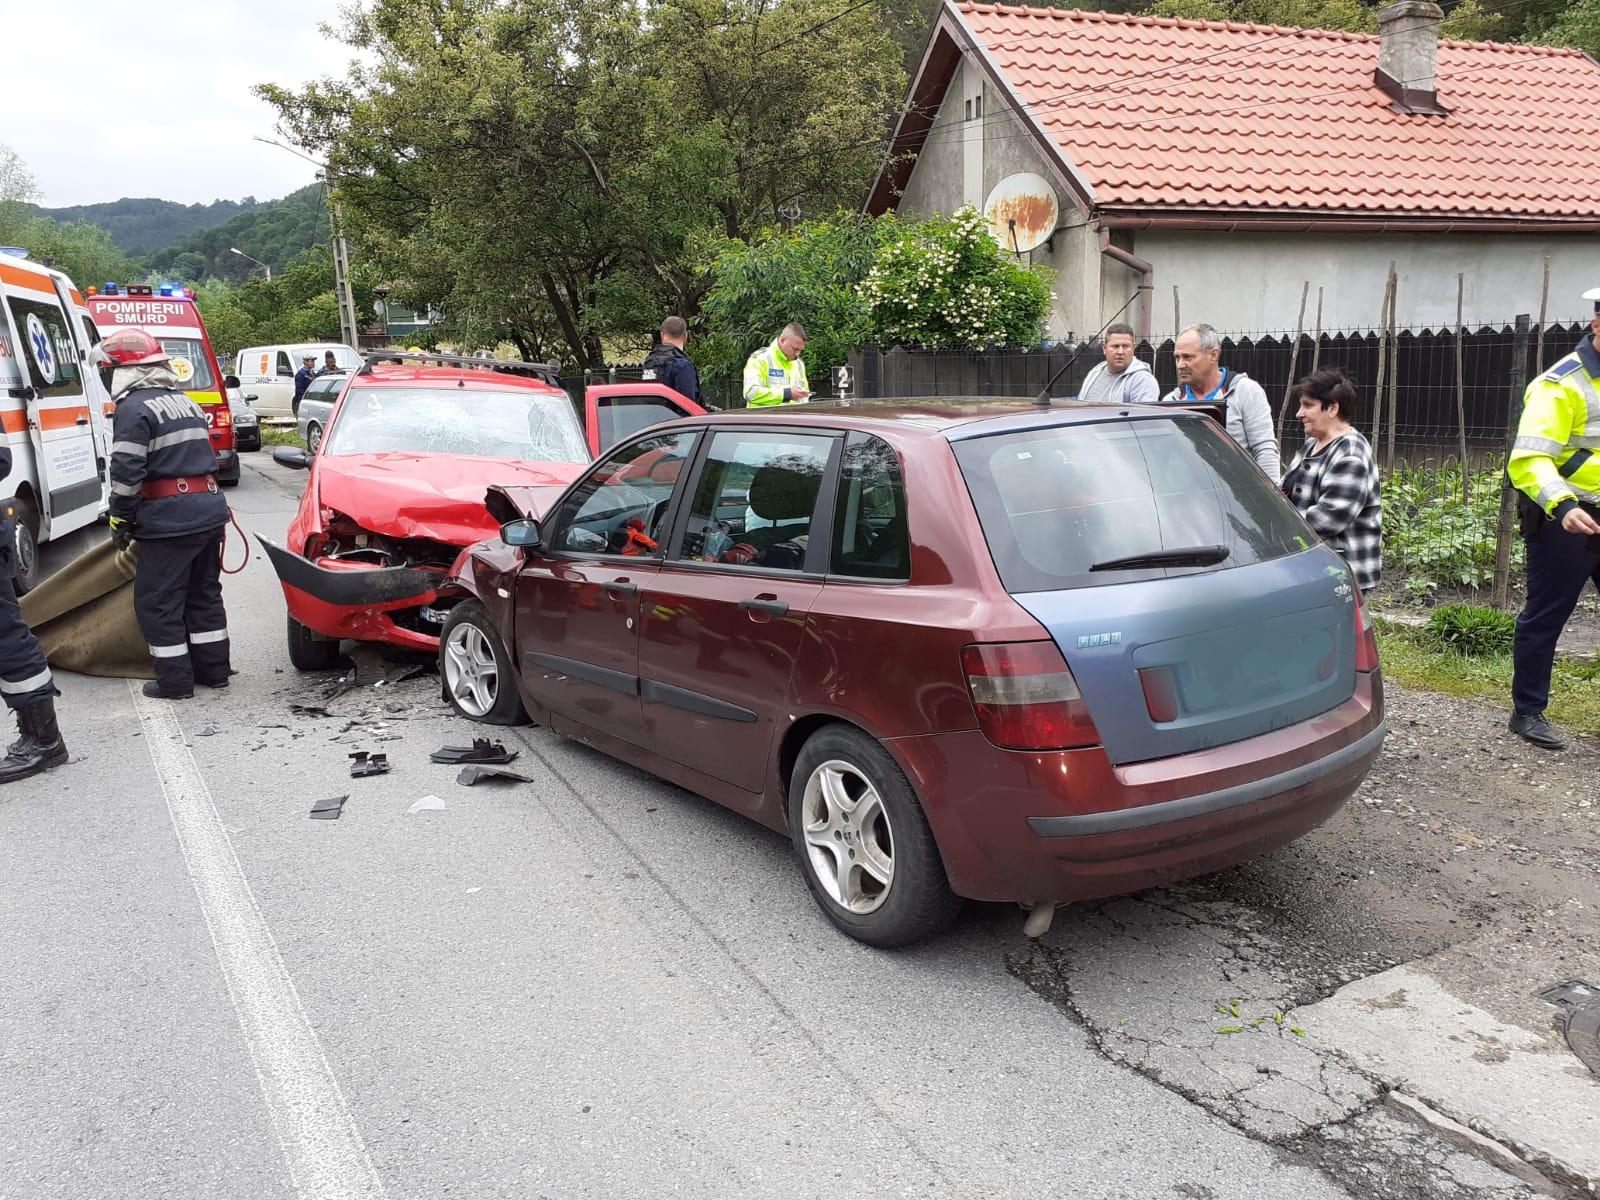 Ultima oră – Una dintre victimele accidentului de la Petroșani și-a pierdut viața